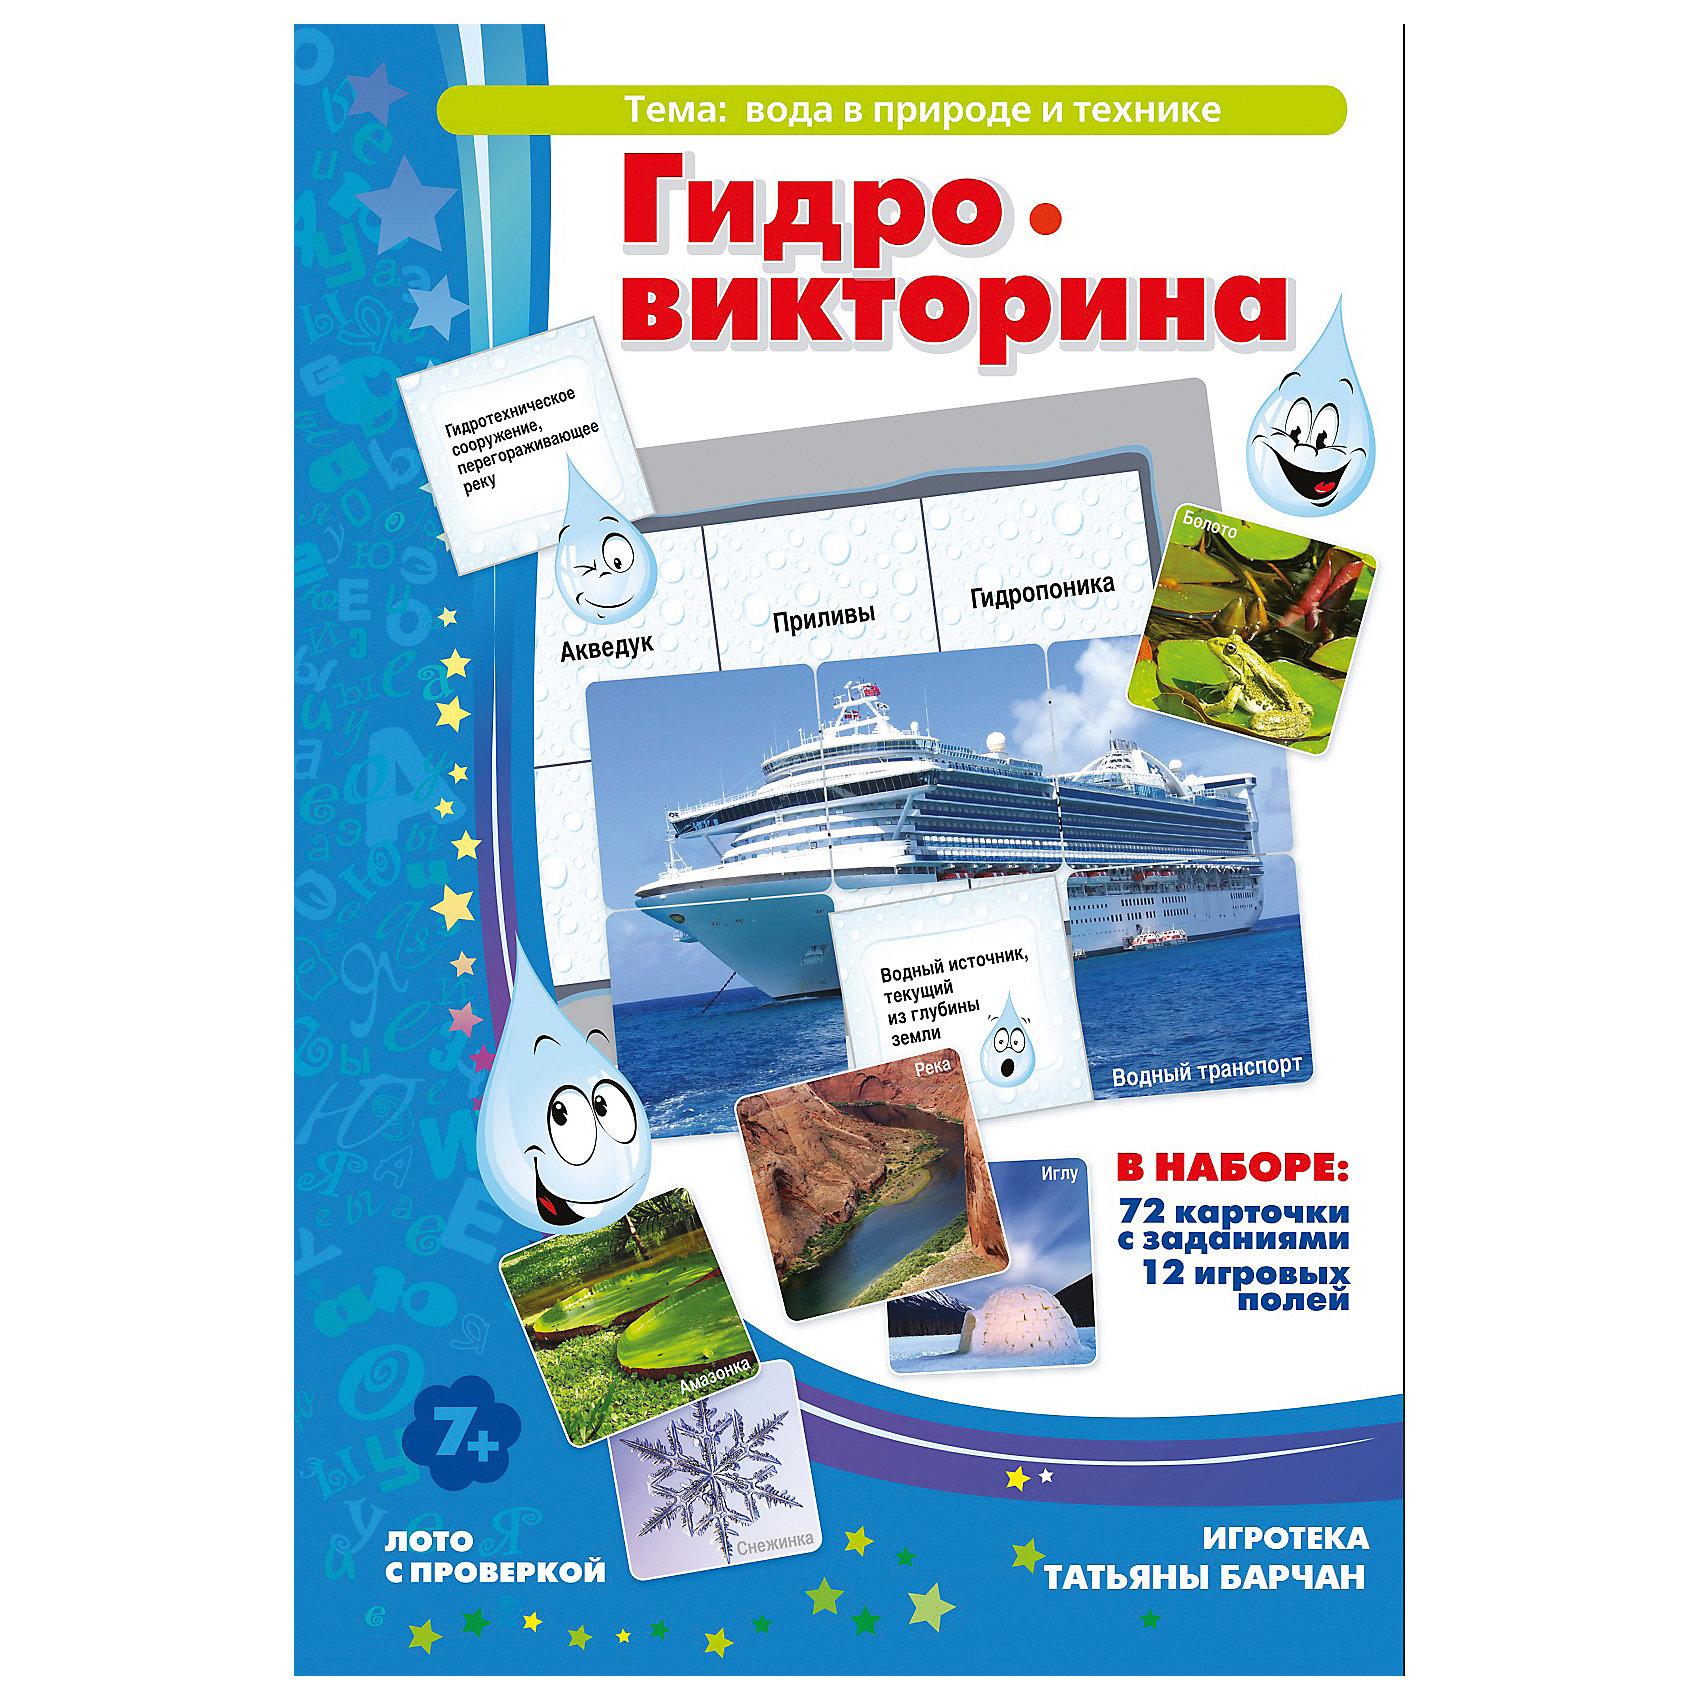 Гидровикторина, Игротека Татьяны БарчанВикторины, ребусы<br>Гидровикторина, Игротека Татьяны Барчан.<br><br>Характеристики:<br><br>• Для детей в возрасте: от 7 лет<br>• В комплекте: 72 карточки с заданиями, 12 игровых полей<br>• Тема: Вода в природе и технике<br>• Материал: плотный качественный картон<br>• Производитель: ЦОТР Ребус (Россия)<br>• Упаковка: картонная коробка<br>• Размер упаковки: 266х180х42 мм.<br>• Вес: 330 гр.<br><br>Эта занимательная и веселая игра расскажет вашему ребенку все о воде. Он узнает, какова роль воды в природе; все о разнообразных состояниях воды - пар, лед, жидкость; какие есть крупнейшие естественные и искусственные водоемы; какие сооружения, машины и механизмы управляют водой и многое другое. <br><br>В процессе игры школьники научатся внимательности, разовьют память и мышление, расширят словарный запас и кругозор, смогут выявлять закономерности, устанавливать логические связи, поймут необходимость бережного отношения к природным ресурсам. <br><br>В наборе вы найдете 72 маленькие карточки с вопросами и 12 игровых полей с ответами на них. Игра построена по принципу лото. Ведущий задает вопросы, написанные на маленьких карточках, а игроки ищут правильные ответы на своих игровых полях. В игре два уровня сложности, игровые поля и карточки зеленого цвета – 1-ый уровень, синего цвета – 2-ой уровень. <br><br>Из маленьких карточек можно собрать фотографии различных гидросооружений: Чебоксарская ГЭС (одна из крупнейших в России), Силовые трансформаторы, Кислогубская ПЭС (единственная в России приливная электростанция, являющаяся памятником науки и техники), Центральный пульт управления Саратовской гидроэлектростанции и другие.<br><br>Игру Гидровикторина, Игротека Татьяны Барчан можно купить в нашем интернет-магазине.<br><br>Ширина мм: 270<br>Глубина мм: 180<br>Высота мм: 40<br>Вес г: 337<br>Возраст от месяцев: 72<br>Возраст до месяцев: 108<br>Пол: Унисекс<br>Возраст: Детский<br>SKU: 6751309